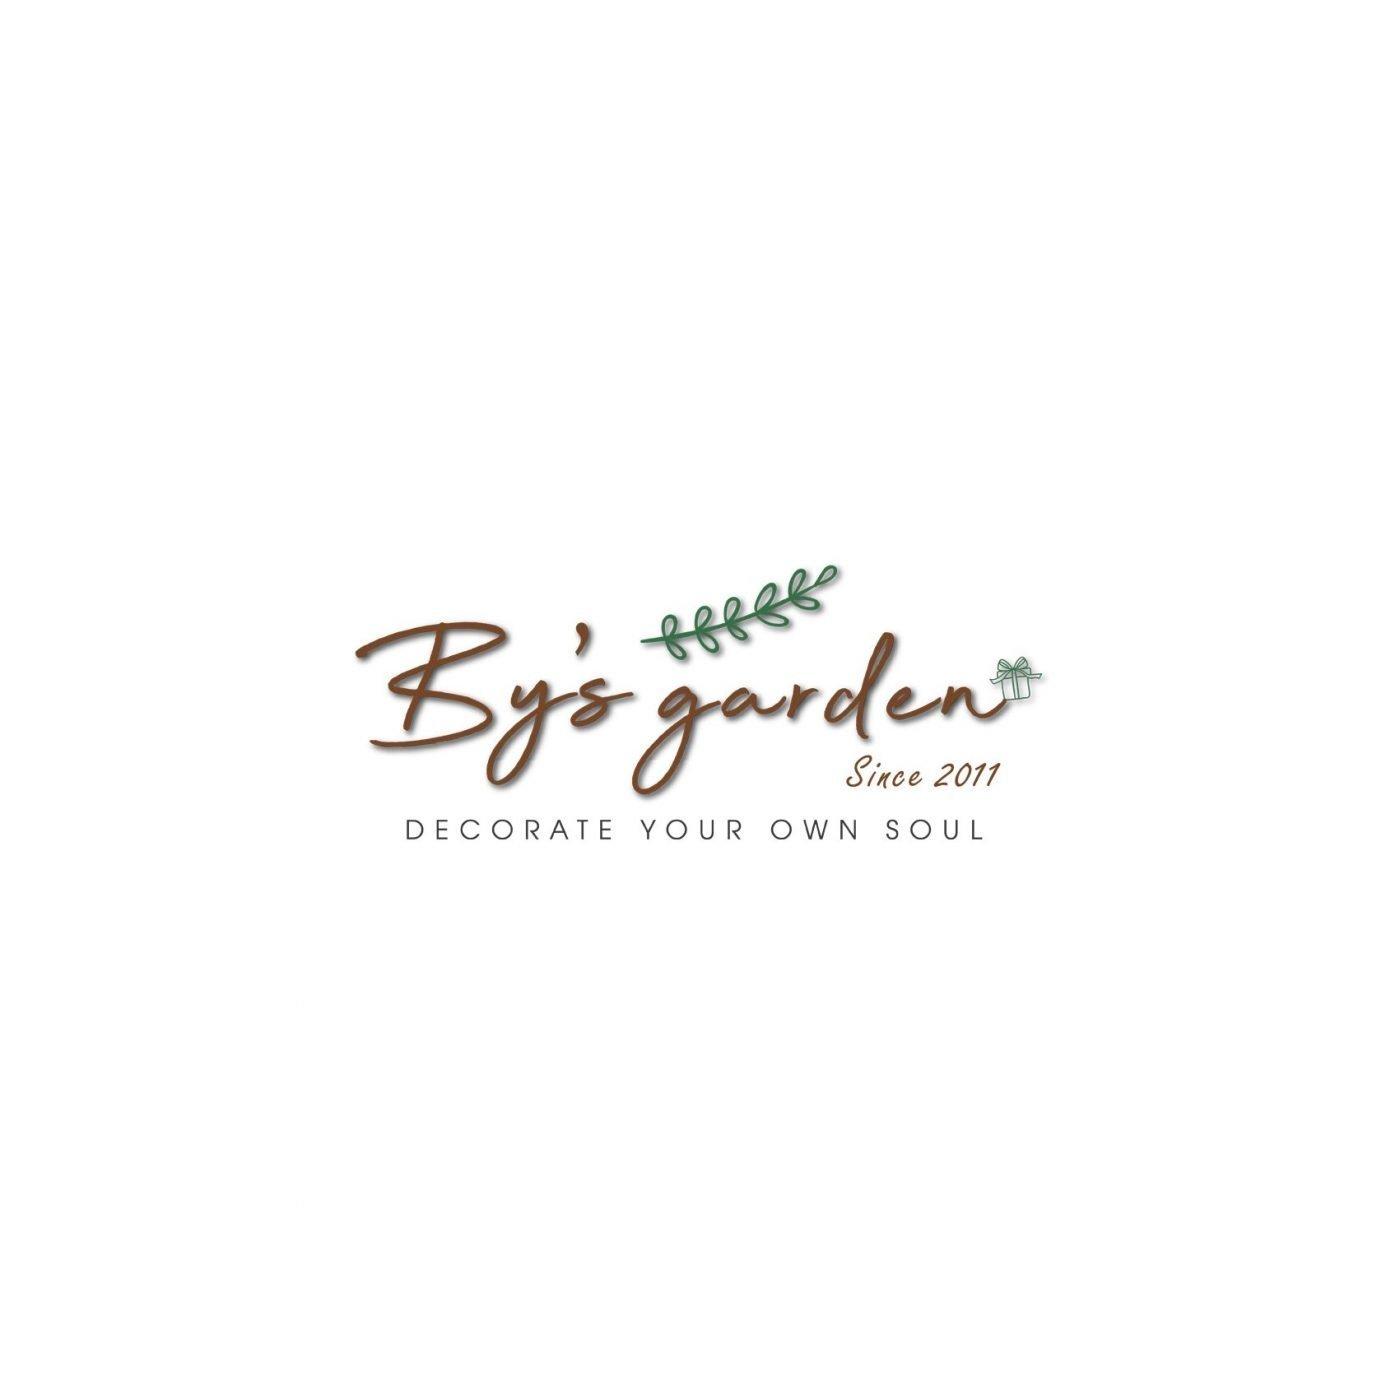 By's-garden-saigon-logo thiết kế bởi Helixgram logo trọn bộ nhận diện thương hiệu thiết kế hình ảnh đại diện brand identity thiết kế đồ họa in ấn quảng cáo thiết kế website WordPress Helixgram